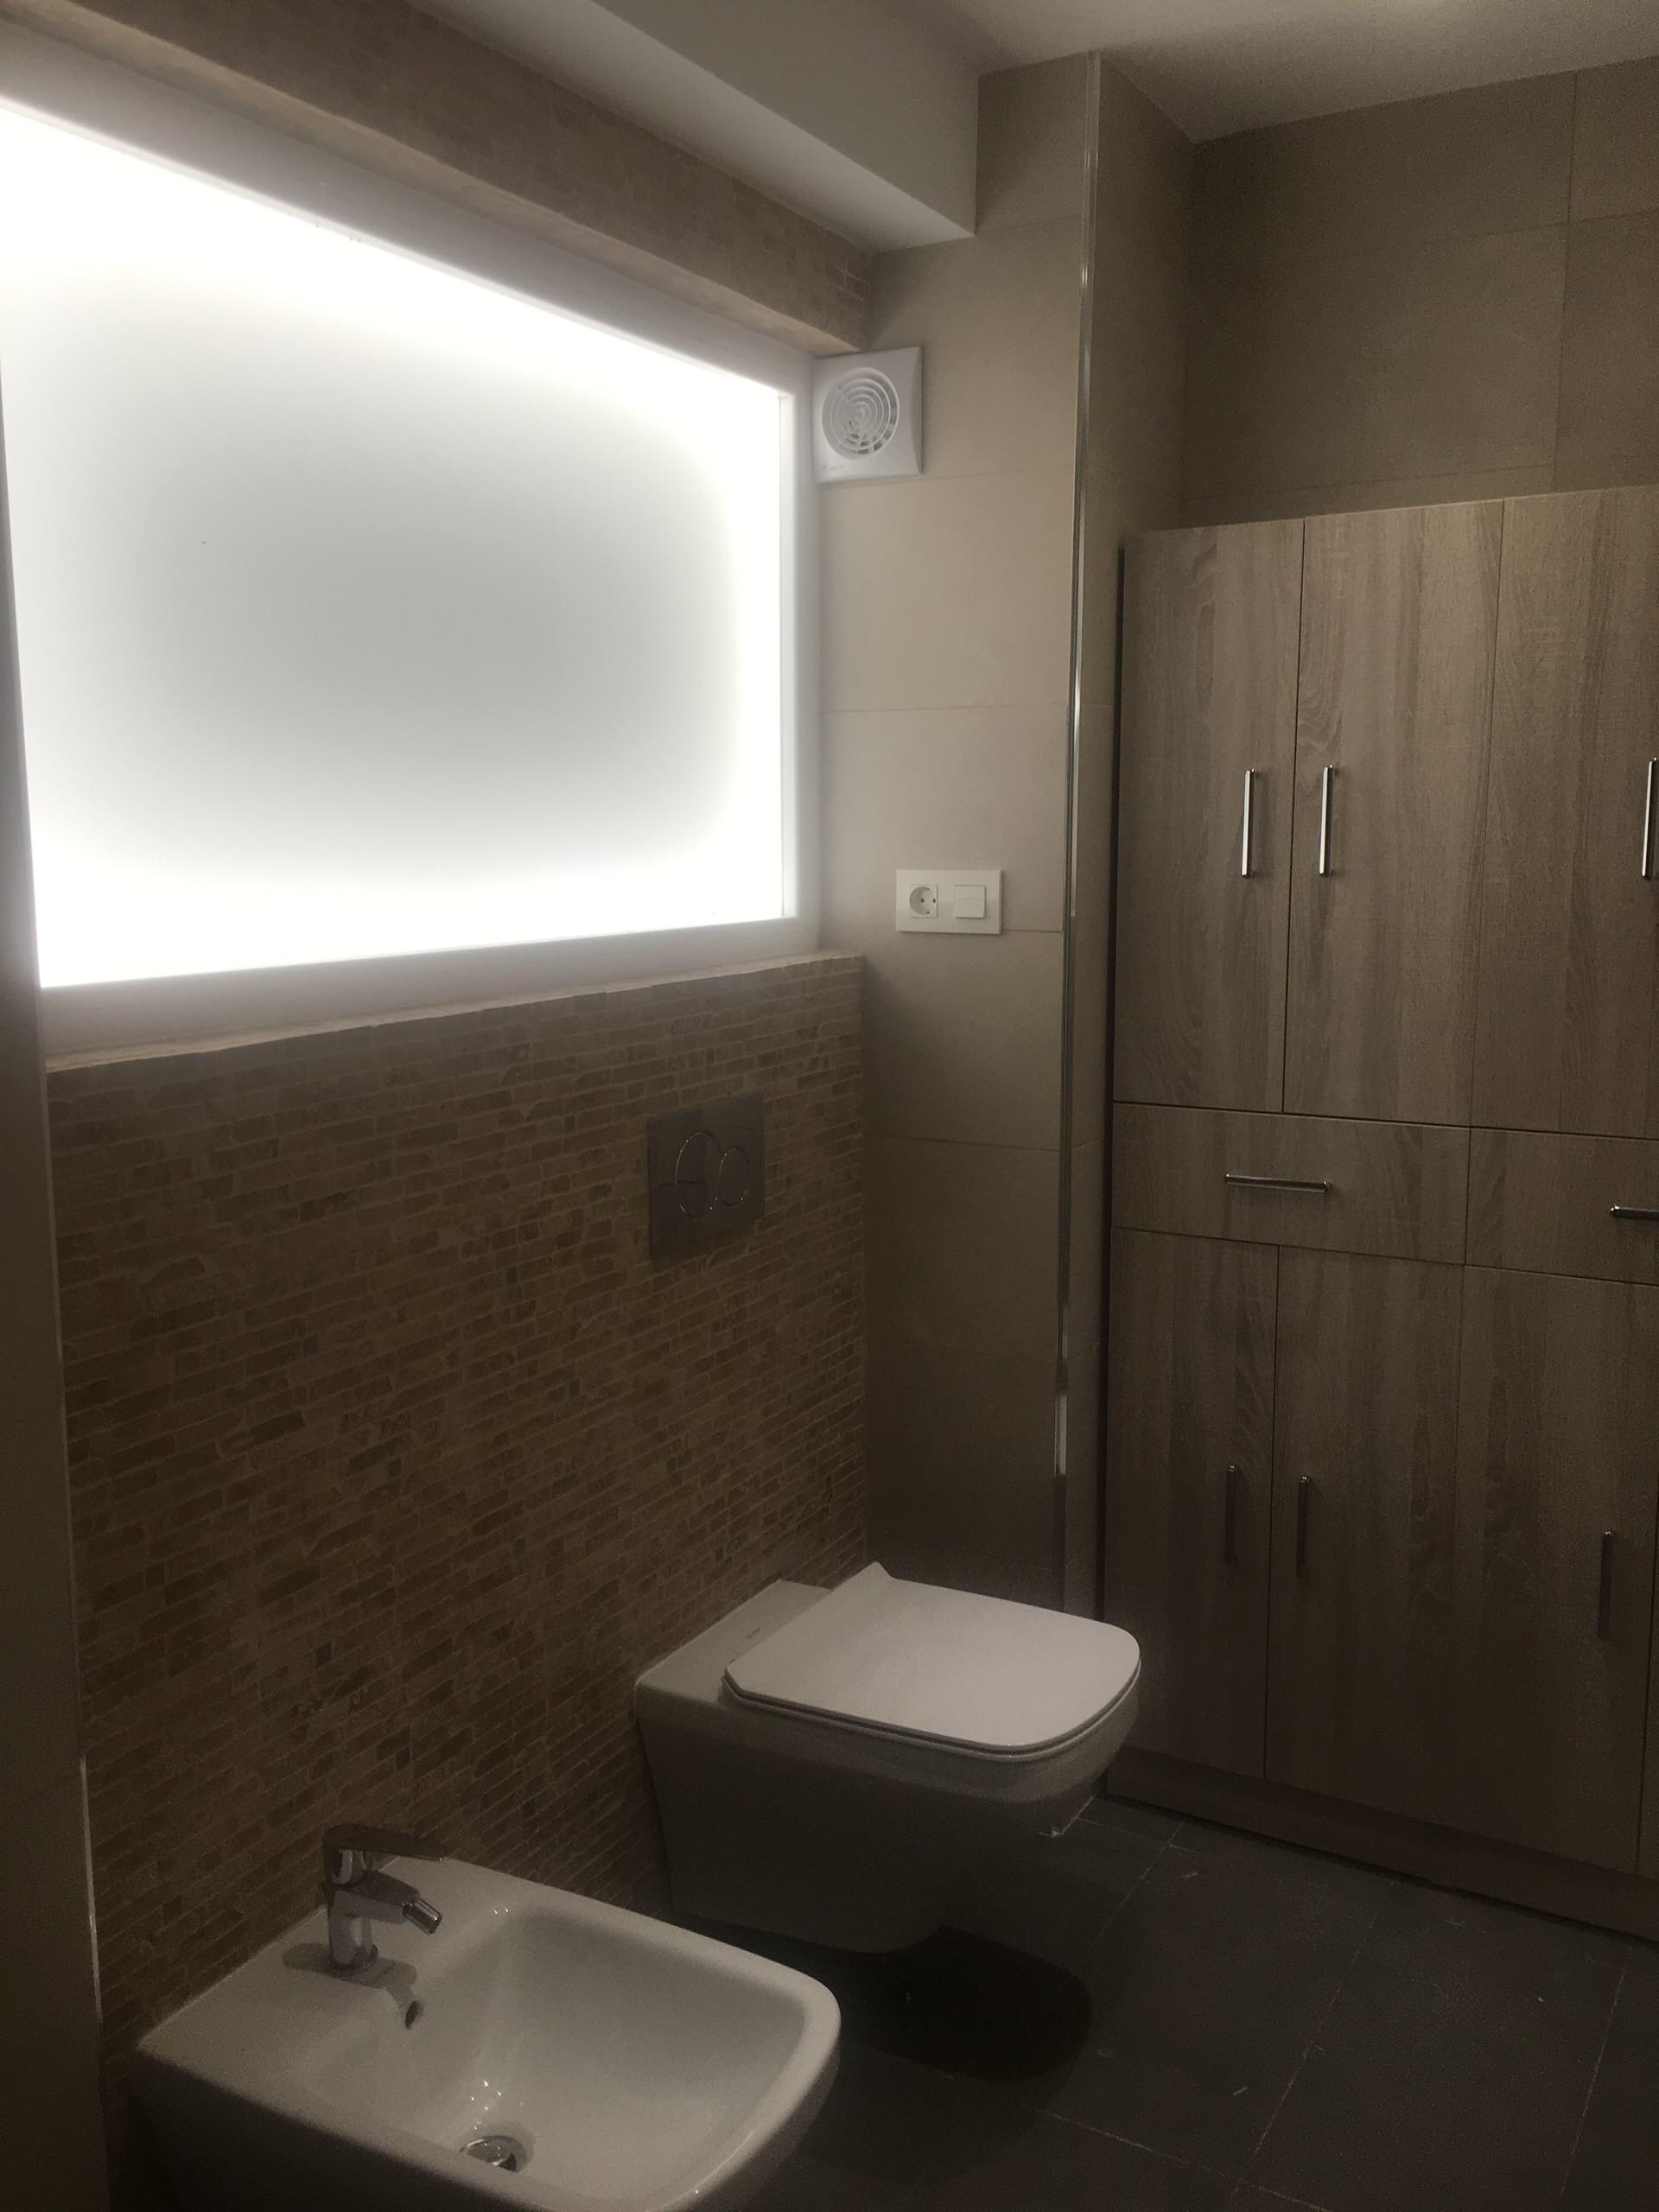 Detalles de cocina y baños en reforma de vivienda en Granada